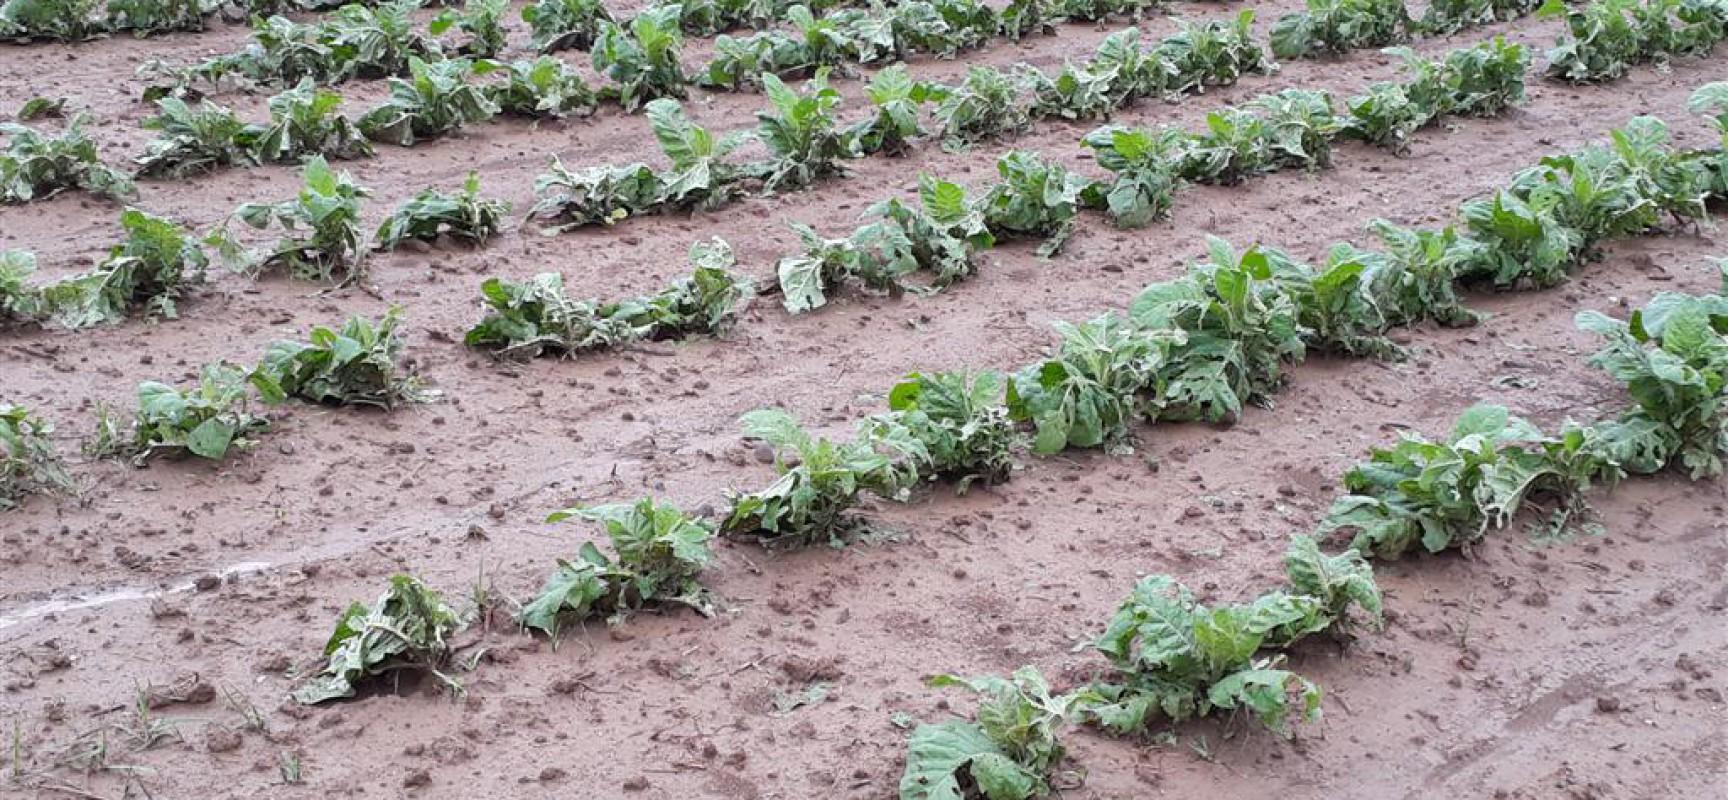 Δηλώσεις ΕΛΓΑ για ζημιές από τις πρόσφατες βροχοπτώσεις & χαλαζοπτώσεις